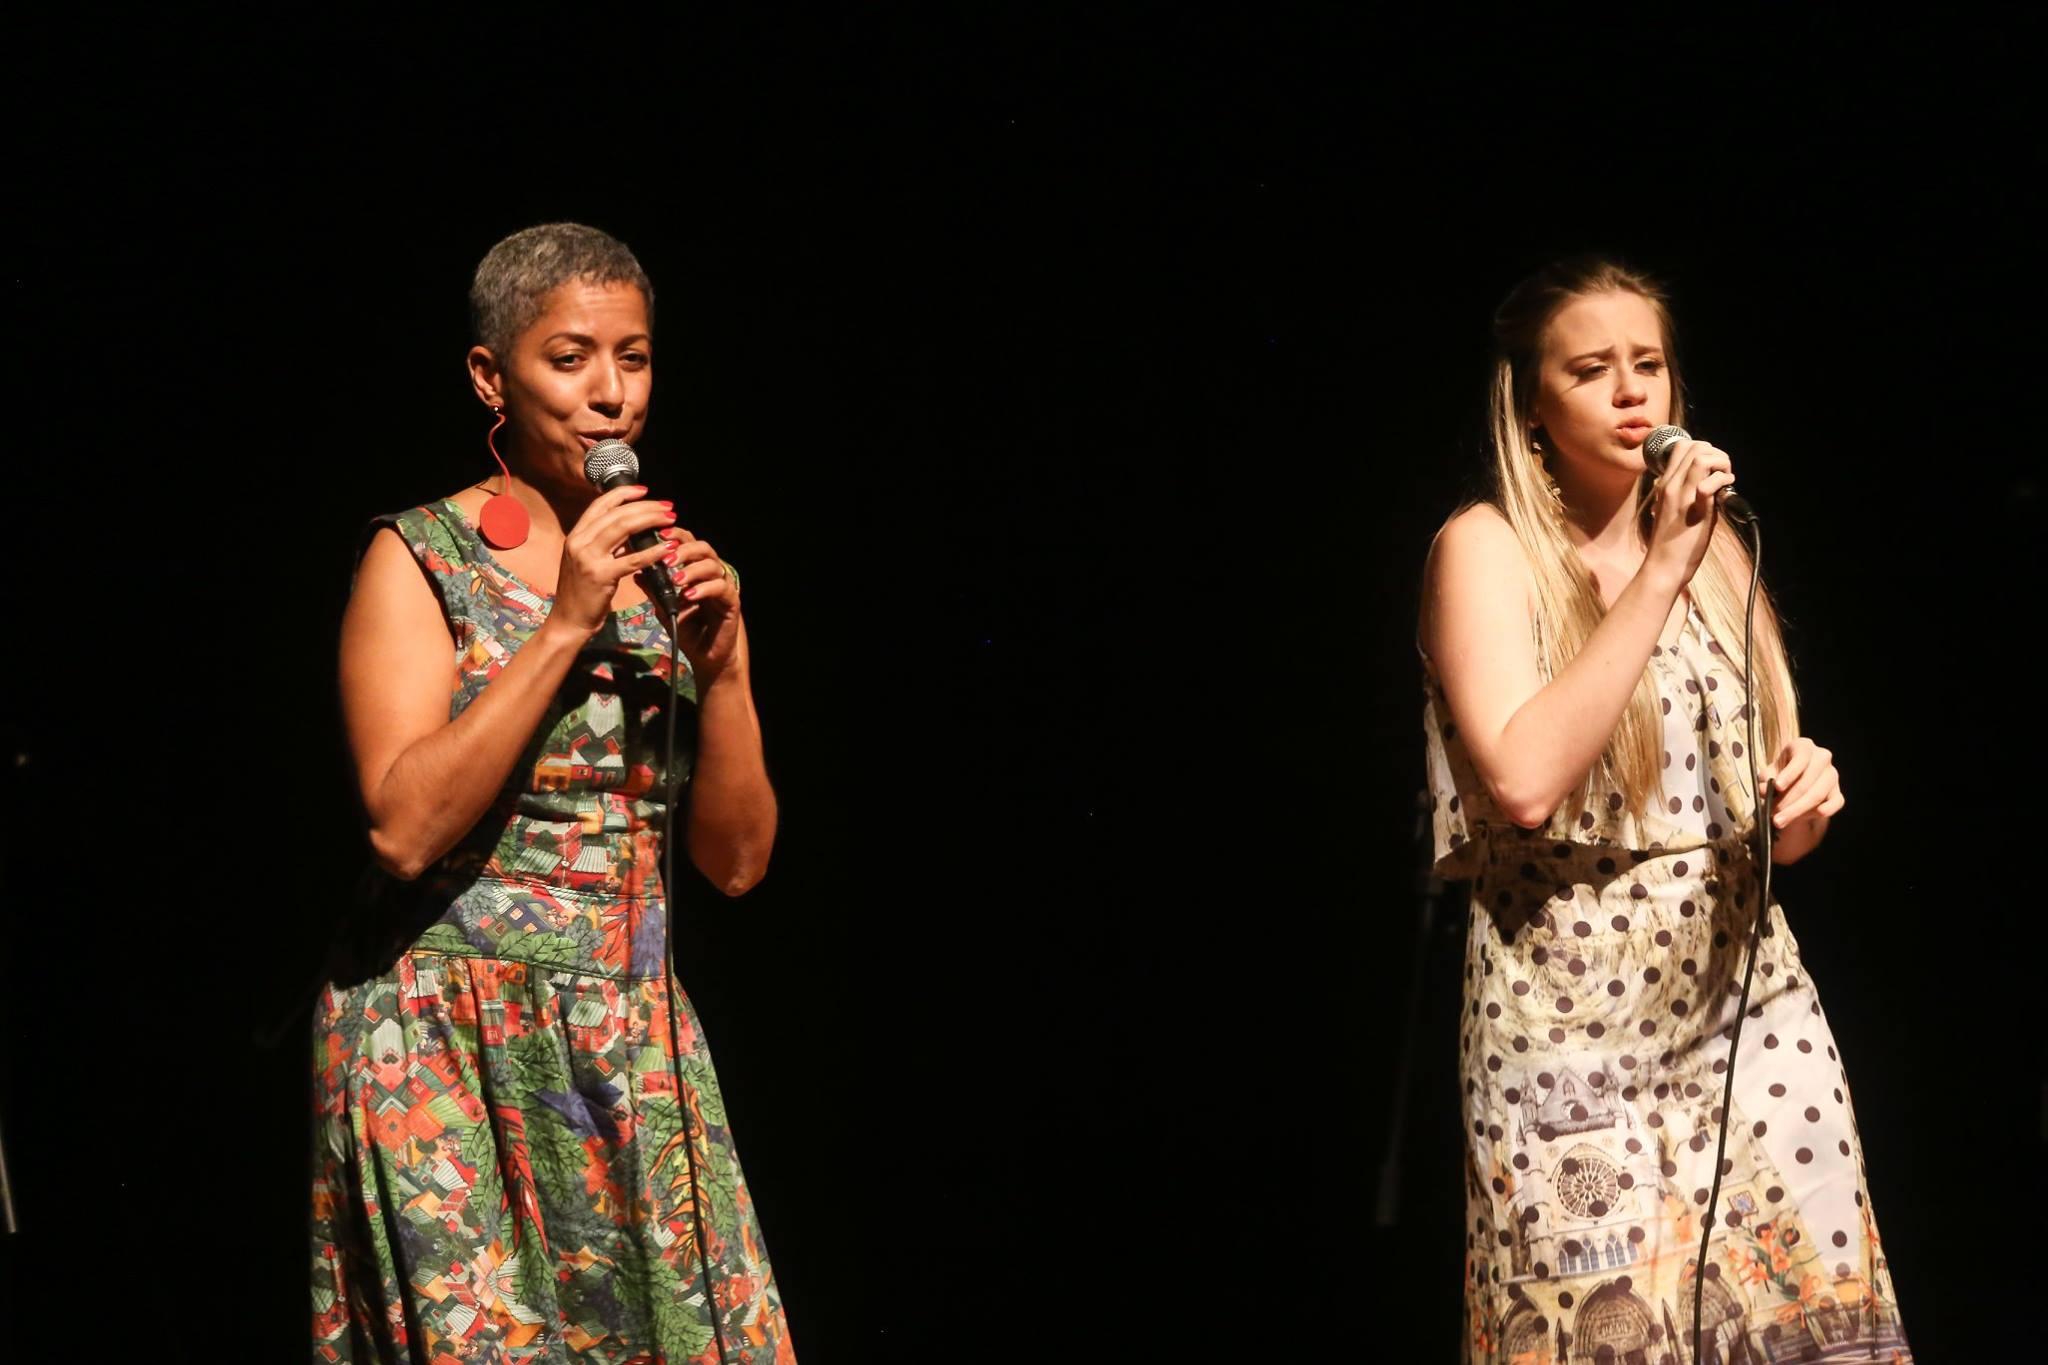 Coro Cênico - Concerto de Vozes Brasileiras